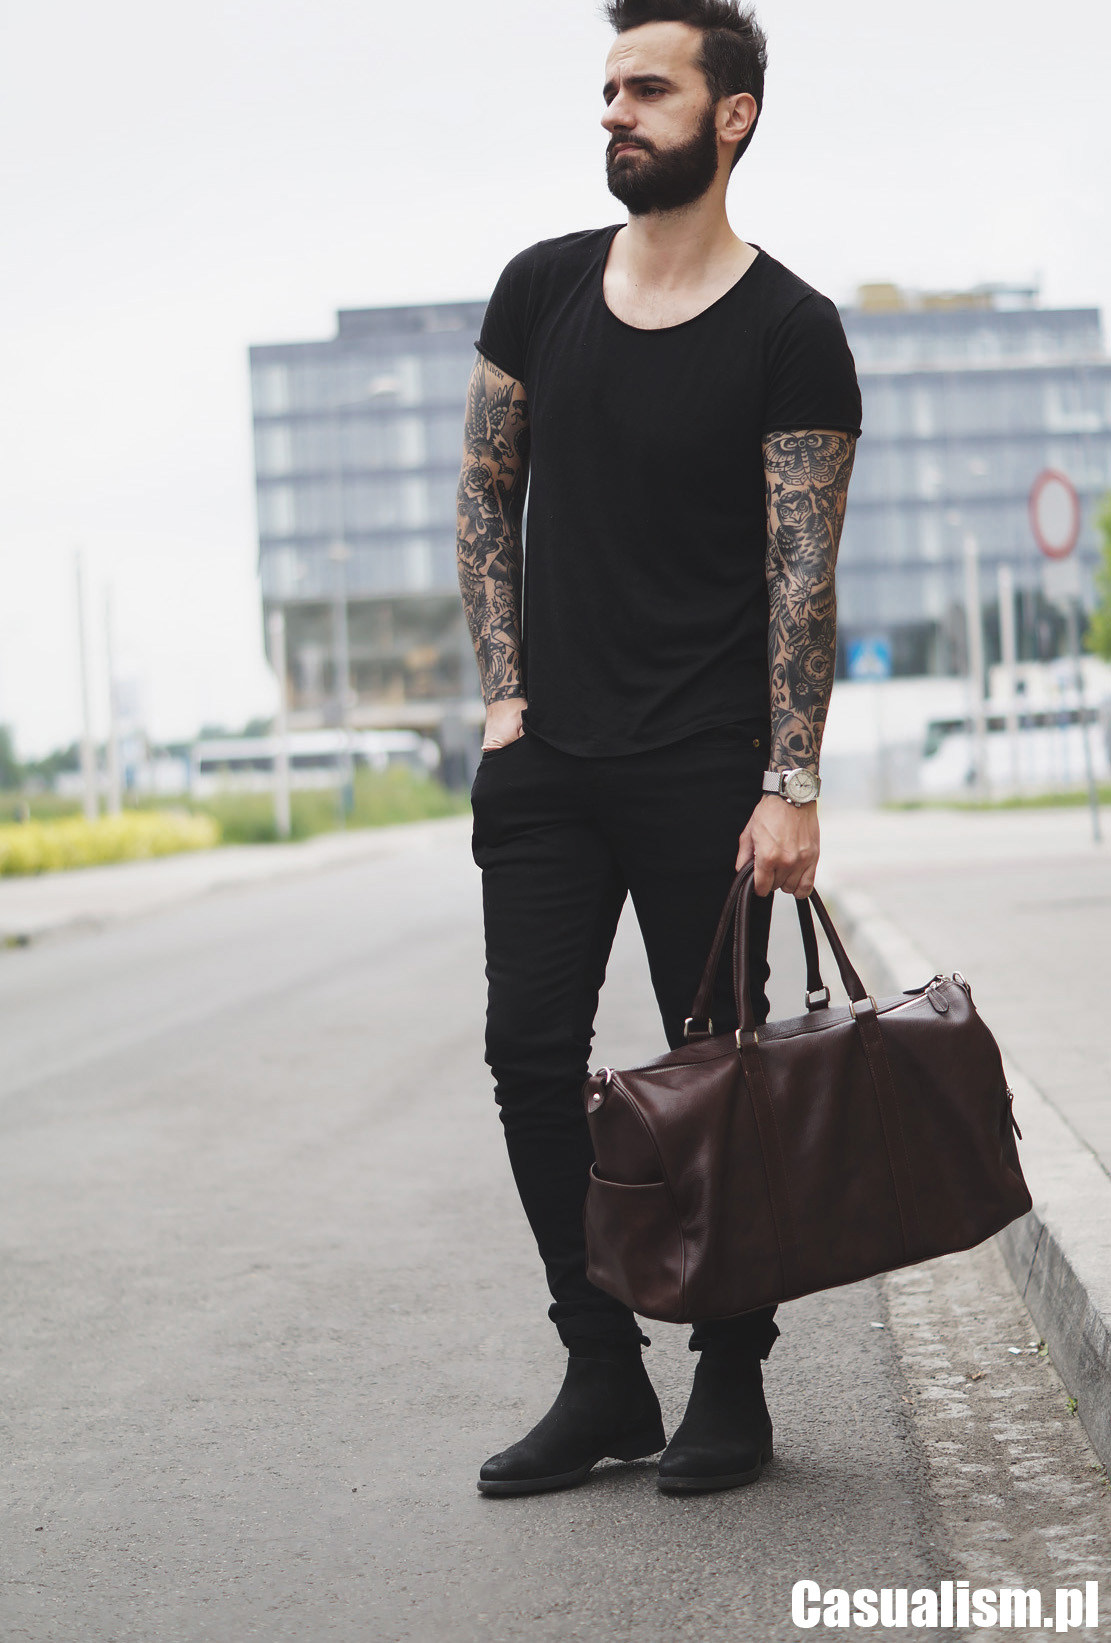 Czarny t-shirt męski, czarna koszulka męska, męska koszulka t-shirt, męskie czarne koszulki. Czarne jeansy męskie, męskie wąskie jeansy, czarne jeansy, czarne buty, czarne sztyblety.